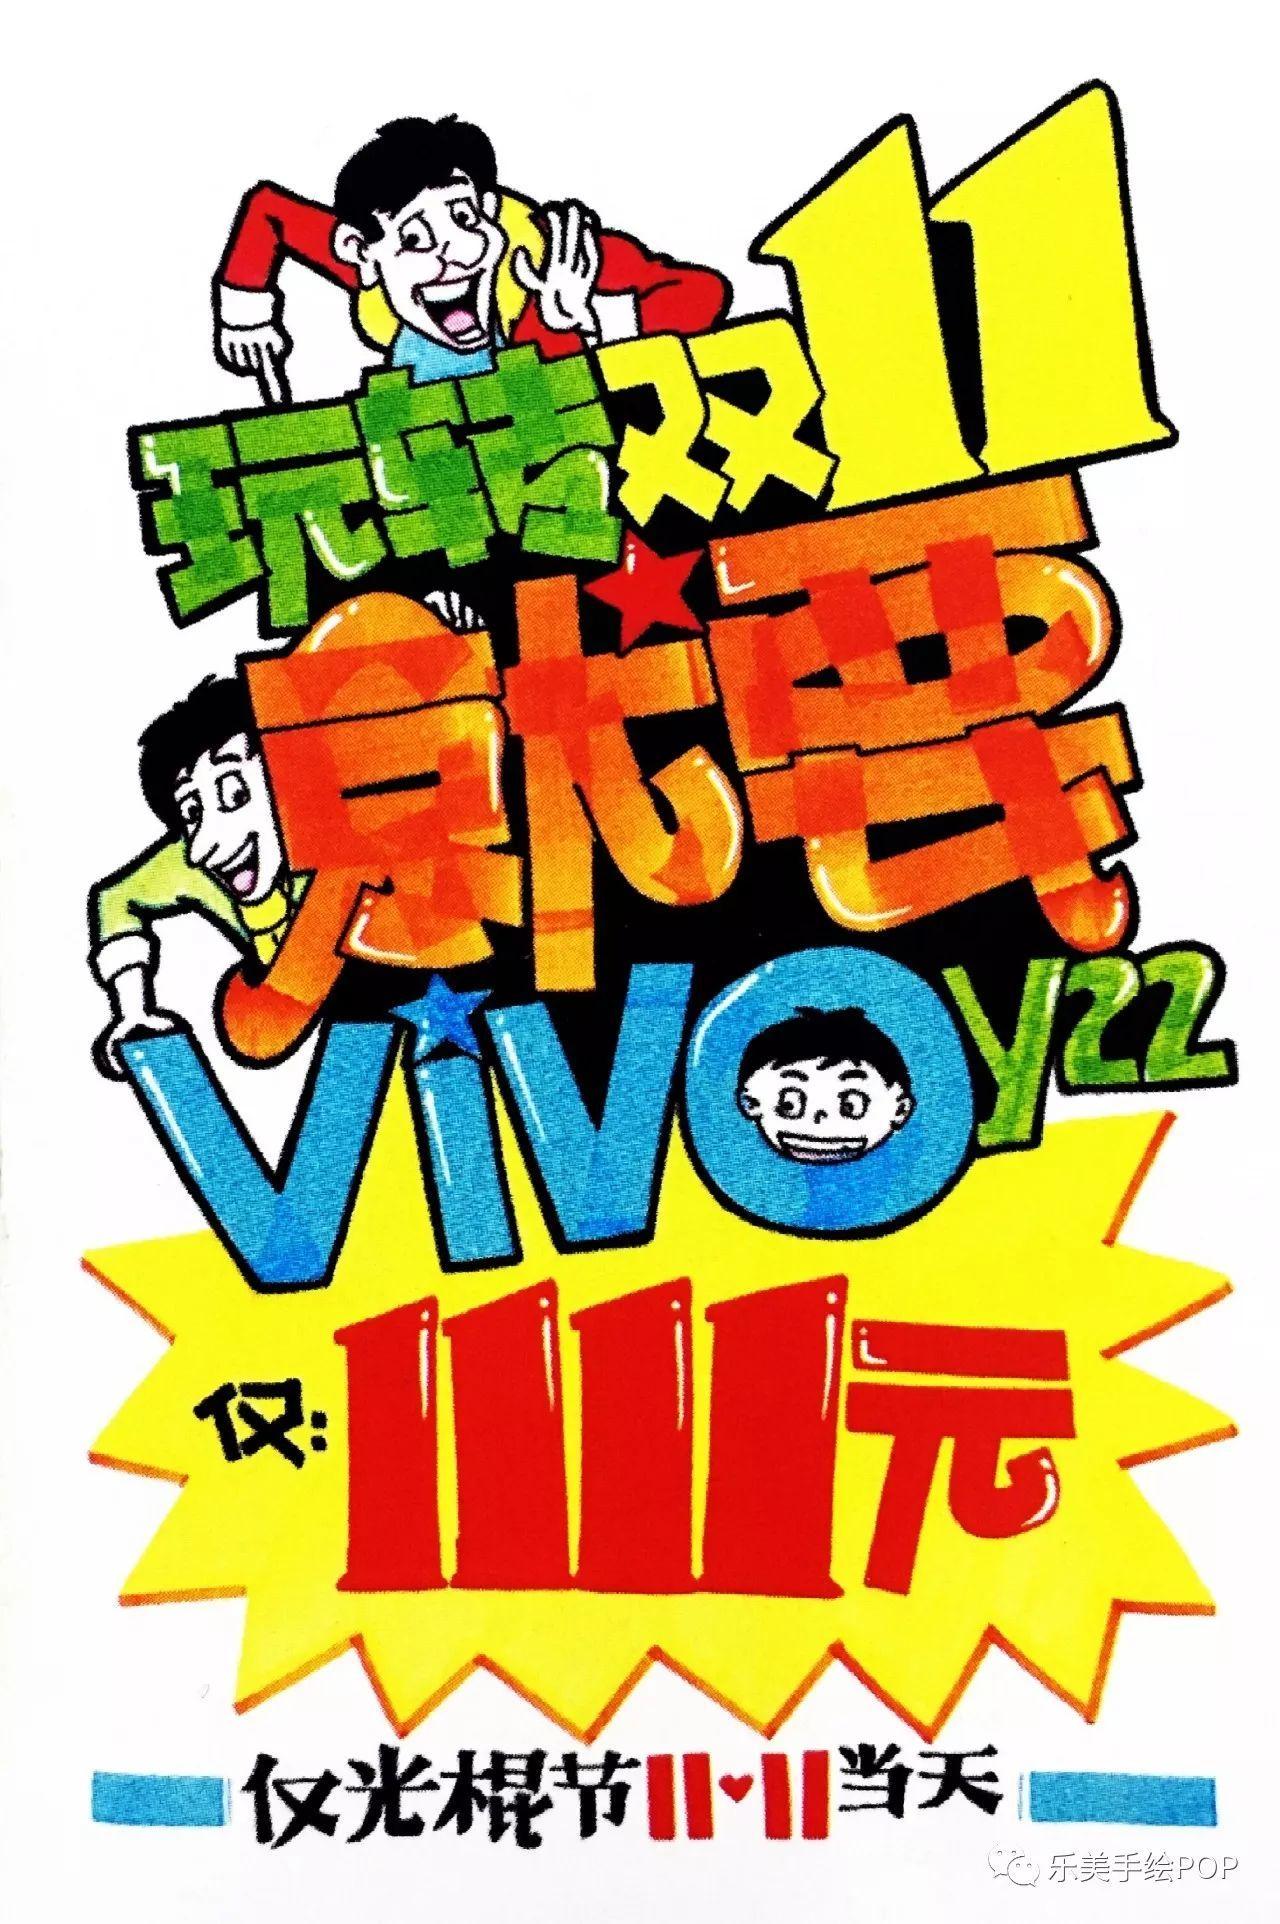 【年度复盘手机行业pop海报】vivo手机专场_搜狐搞笑